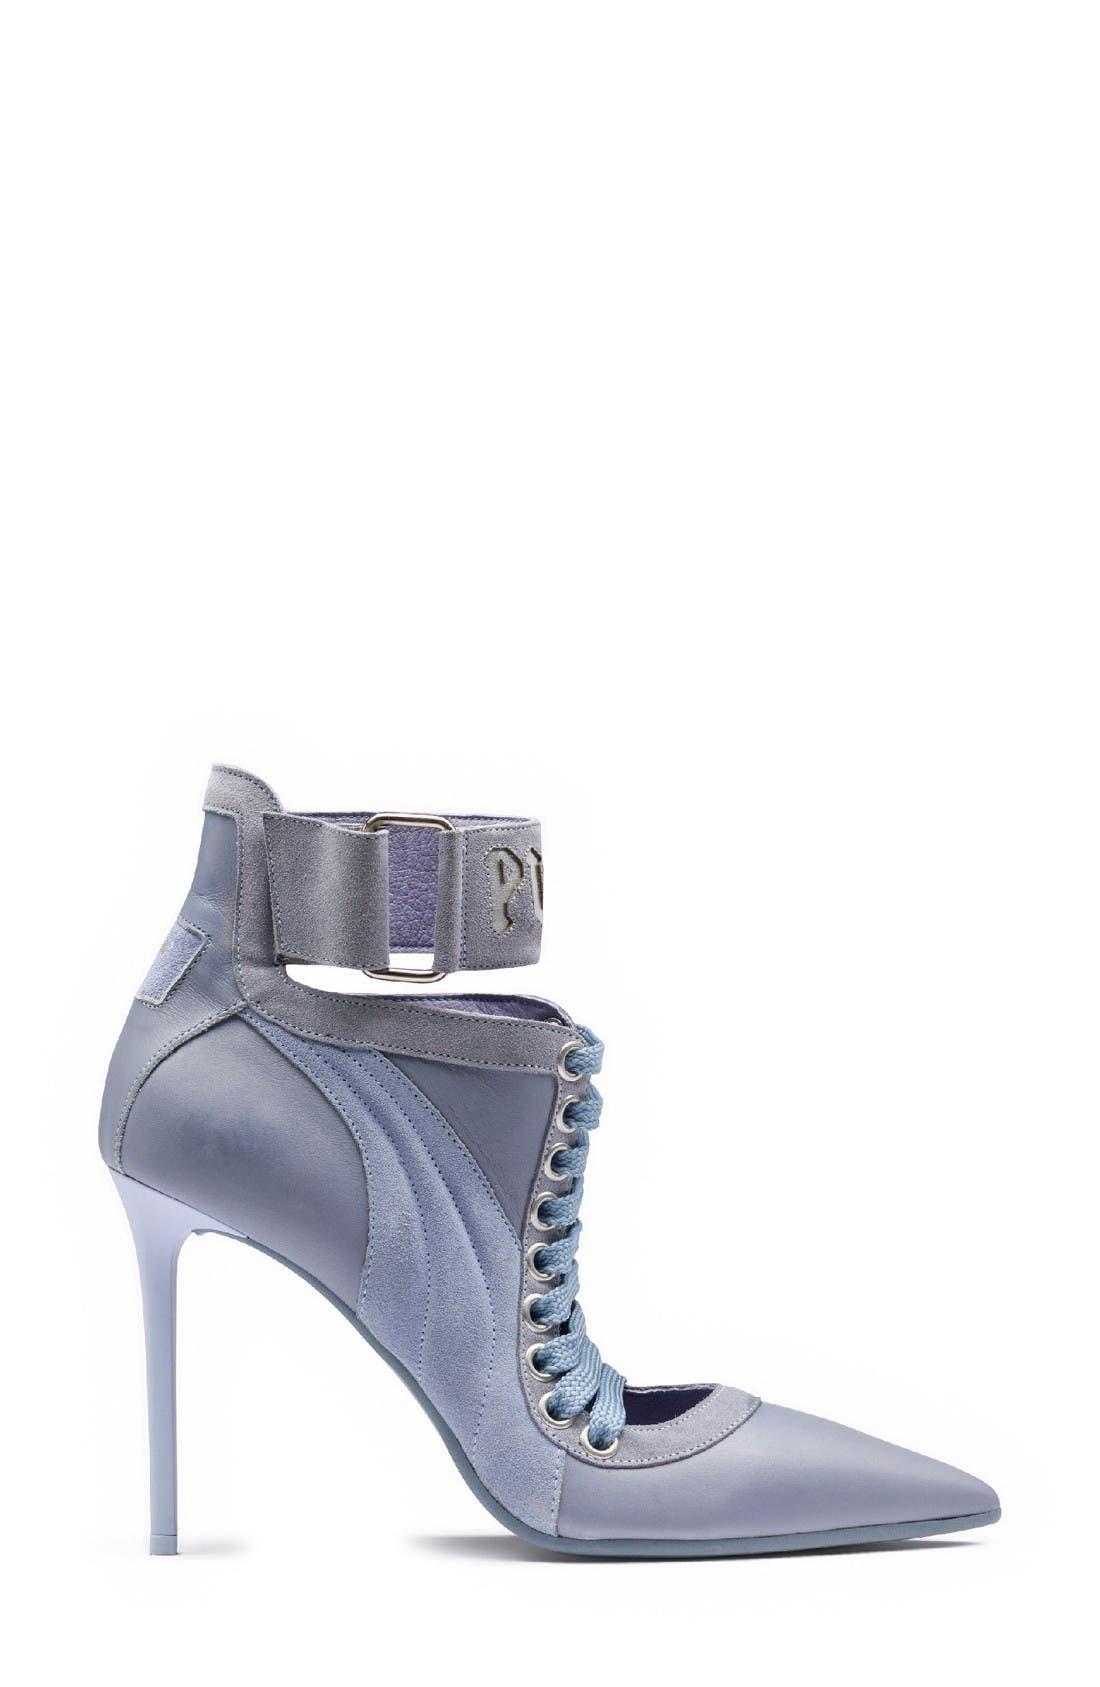 FENTY PUMA by Rihanna Lace-Up Sneaker Pump (Women)